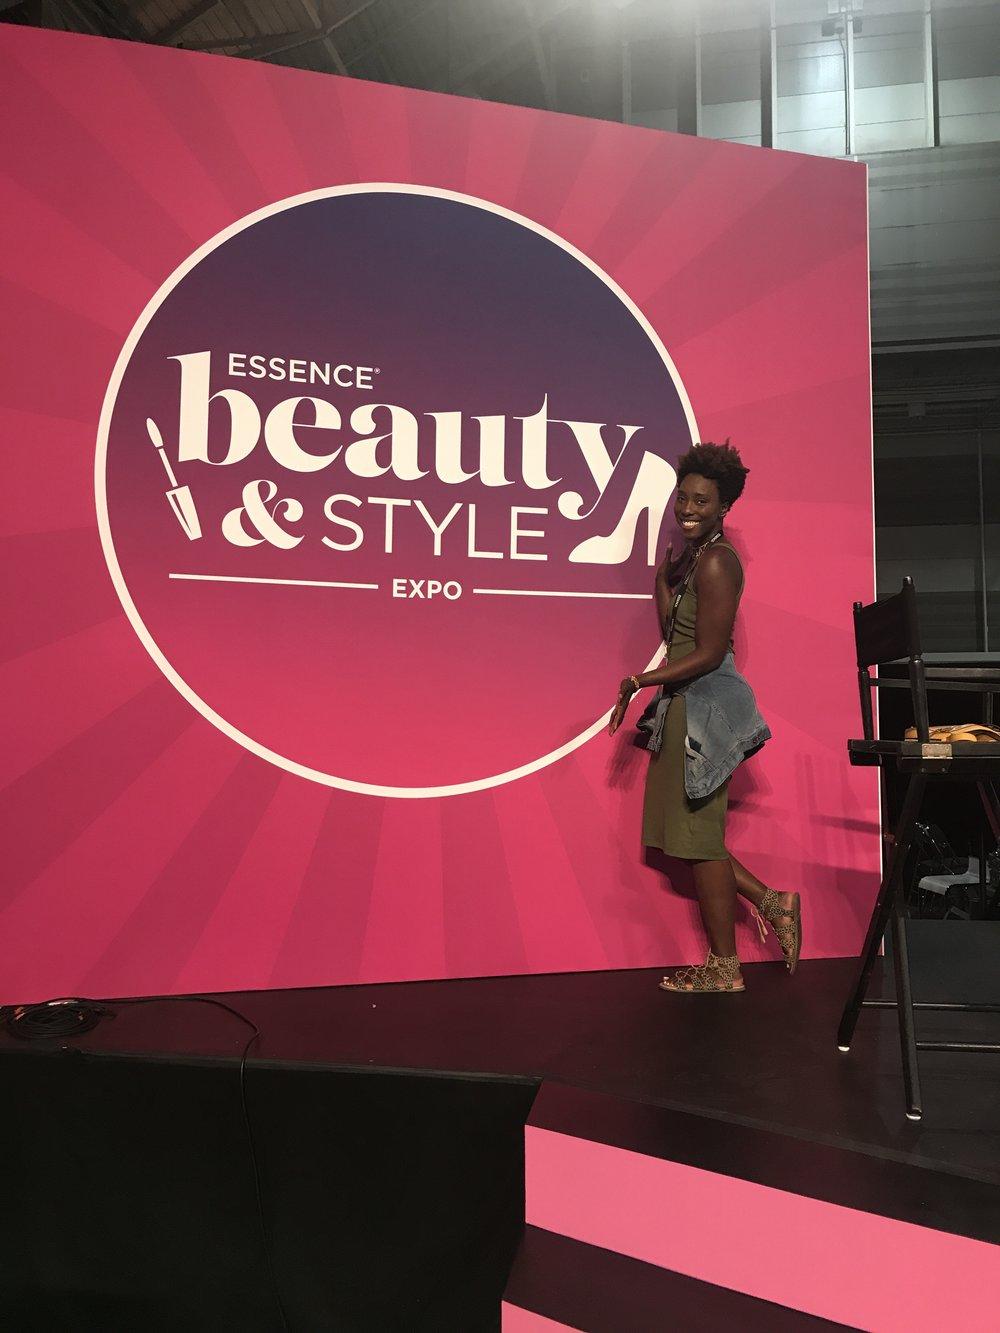 dayna-bolden-essence-fest-2017-beauty-and-style